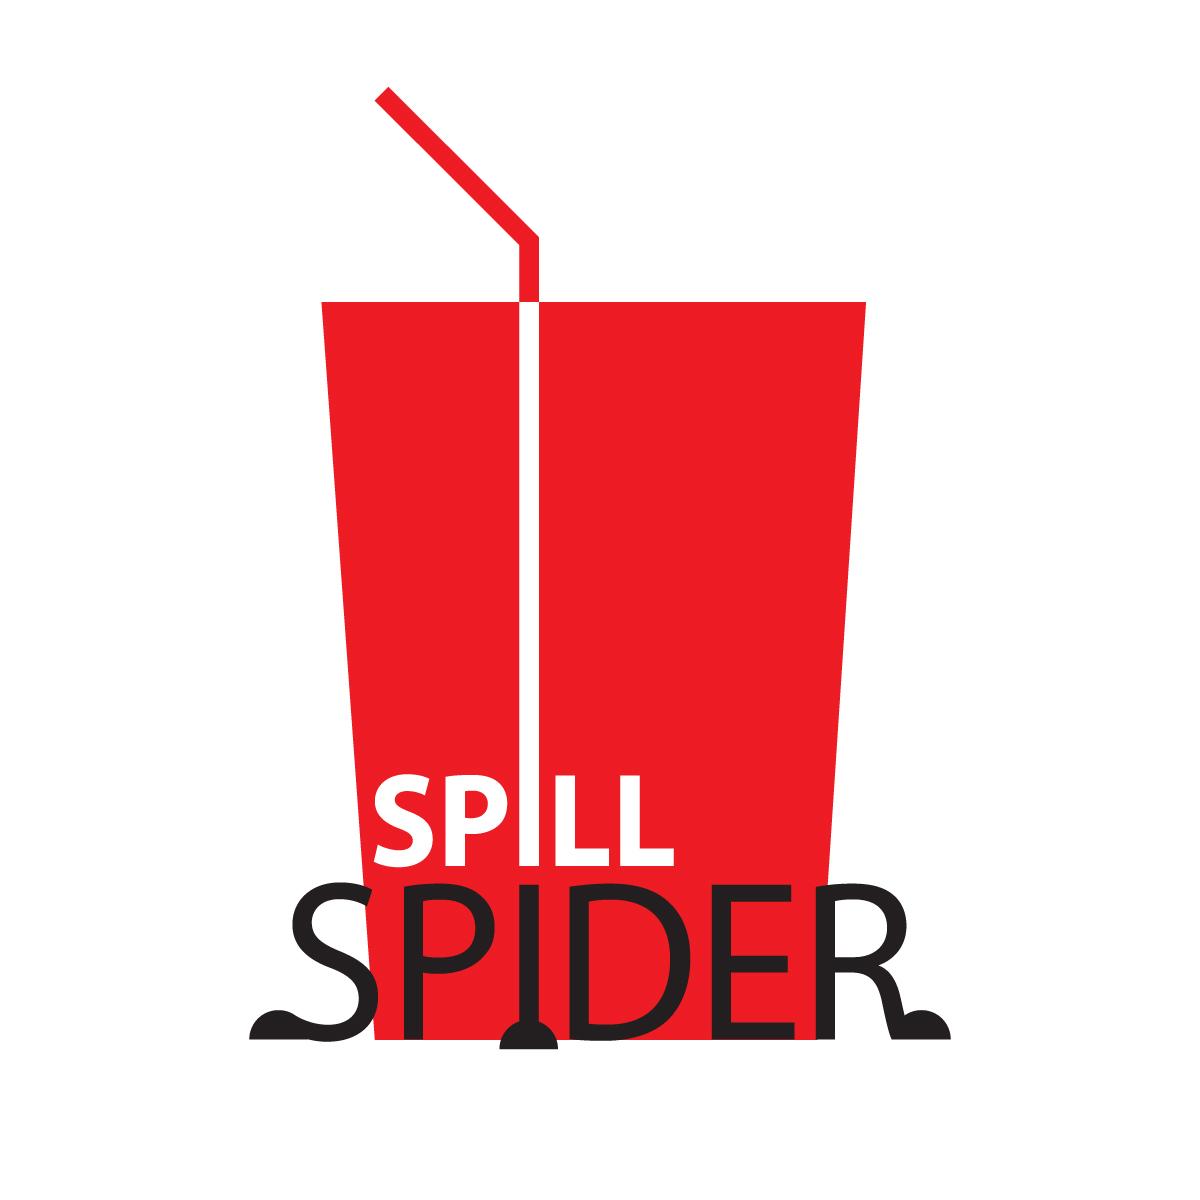 SpillSpider-5-Logo-CMYK.jpg